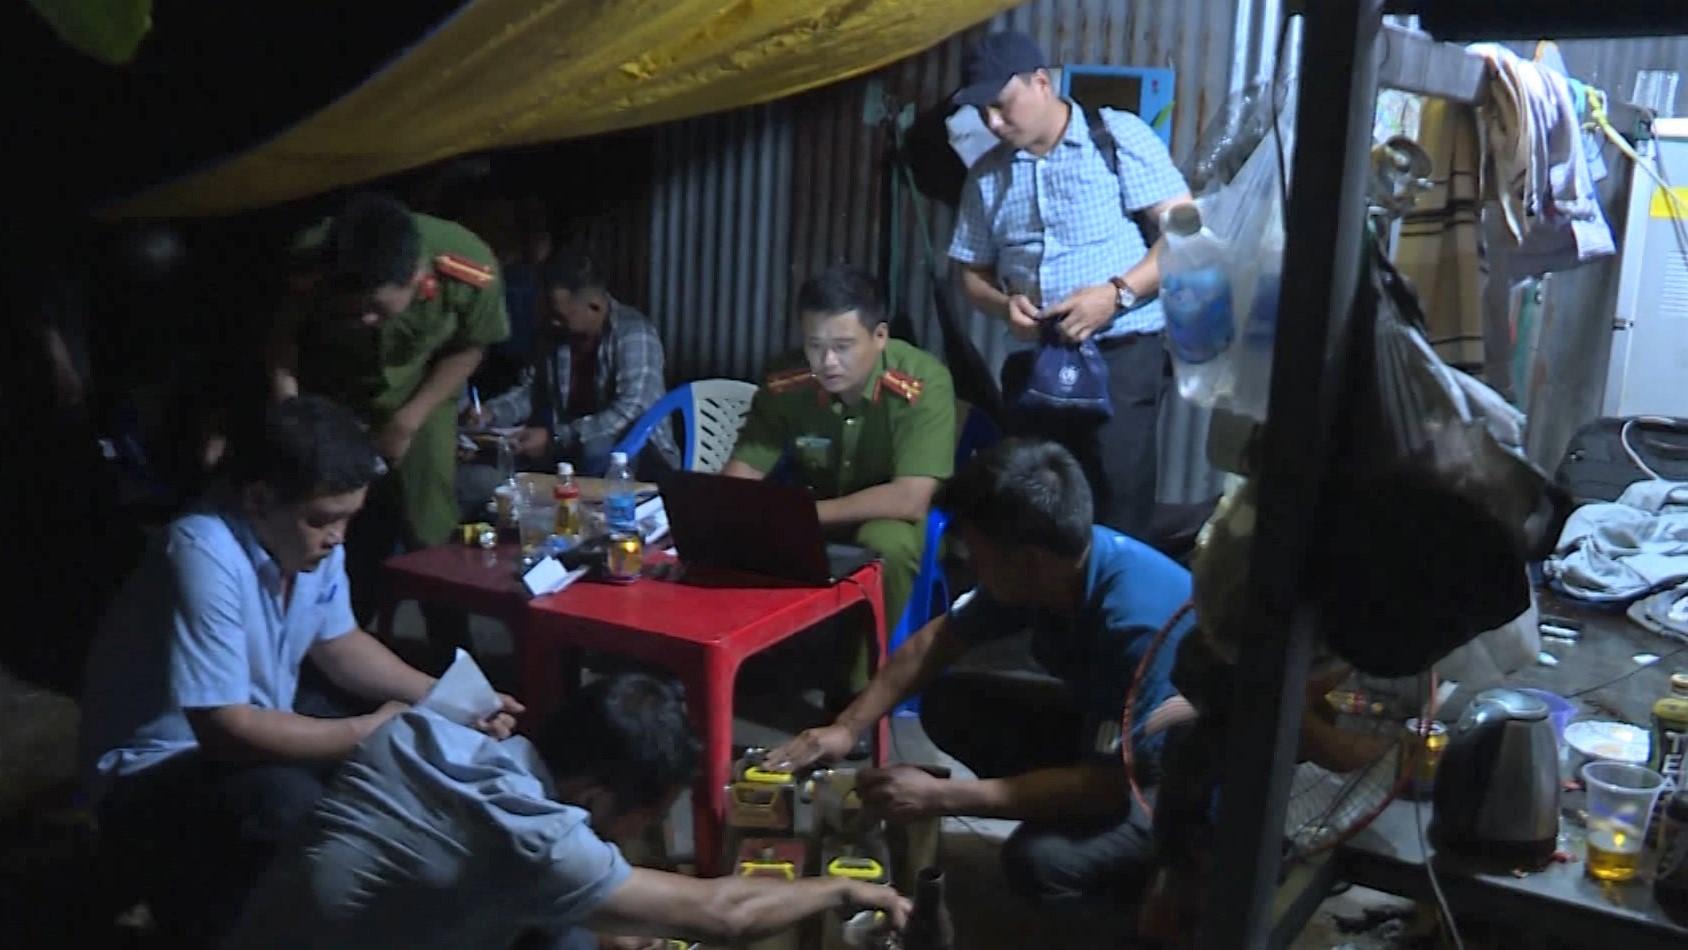 Thêm 14 người bị bắt giữ trong đường dây tiêu thụ 6 triệu lít xăng giả ở Đăk Nông